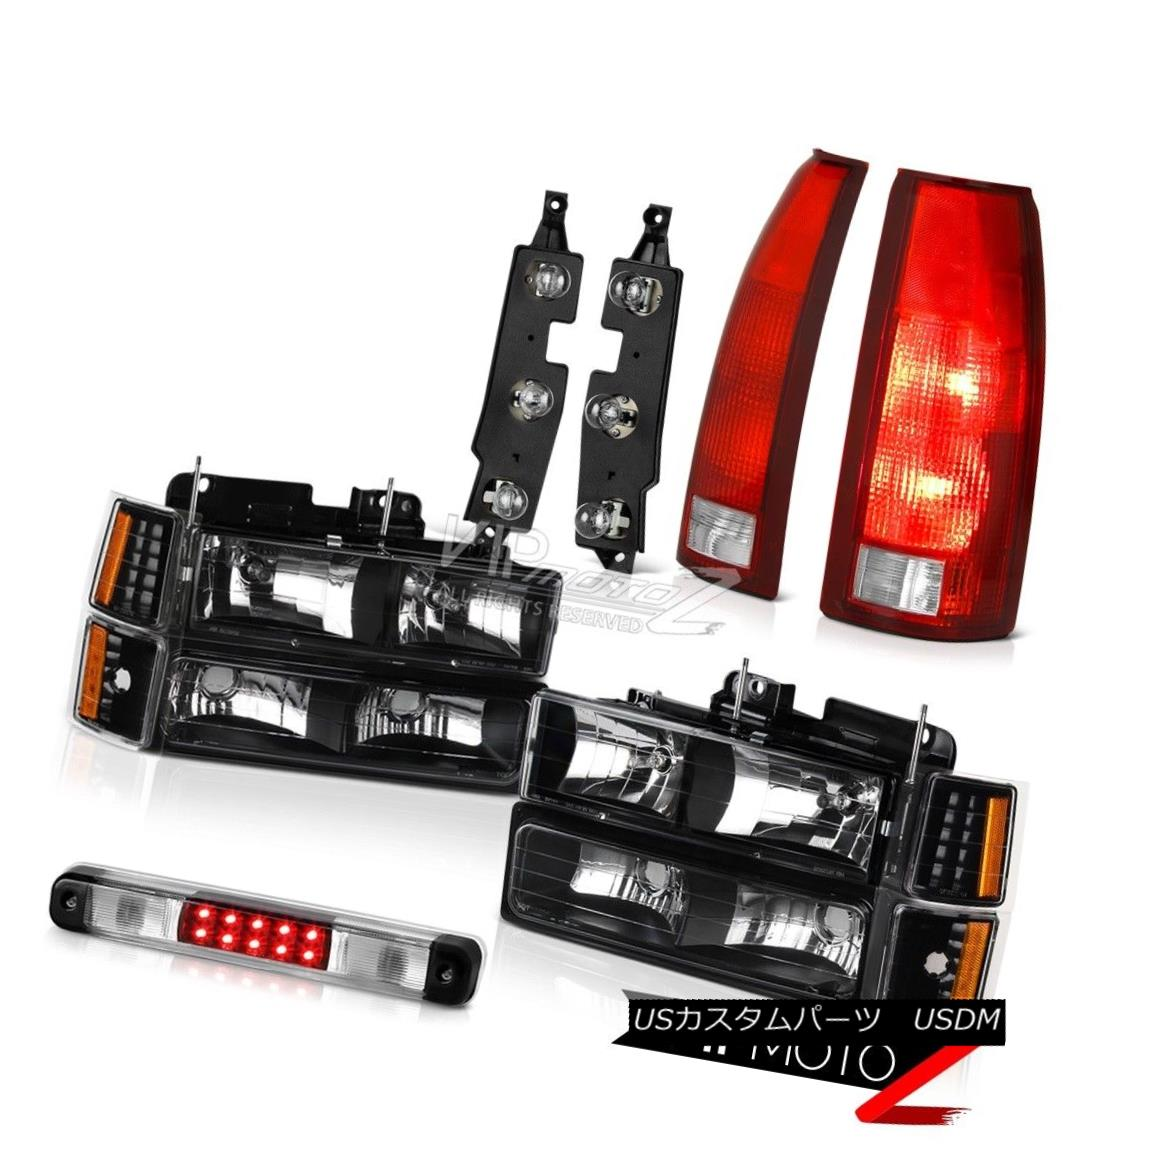 ヘッドライト 94-98 Chevy C2500 Roof Cab Lamp Tail Lamps Bulbs Panel Headlights Parking Lamps 94-98シボレーC2500ルーフキャブのランプテールランプバルブのパネルヘッドライトパーキングランプ